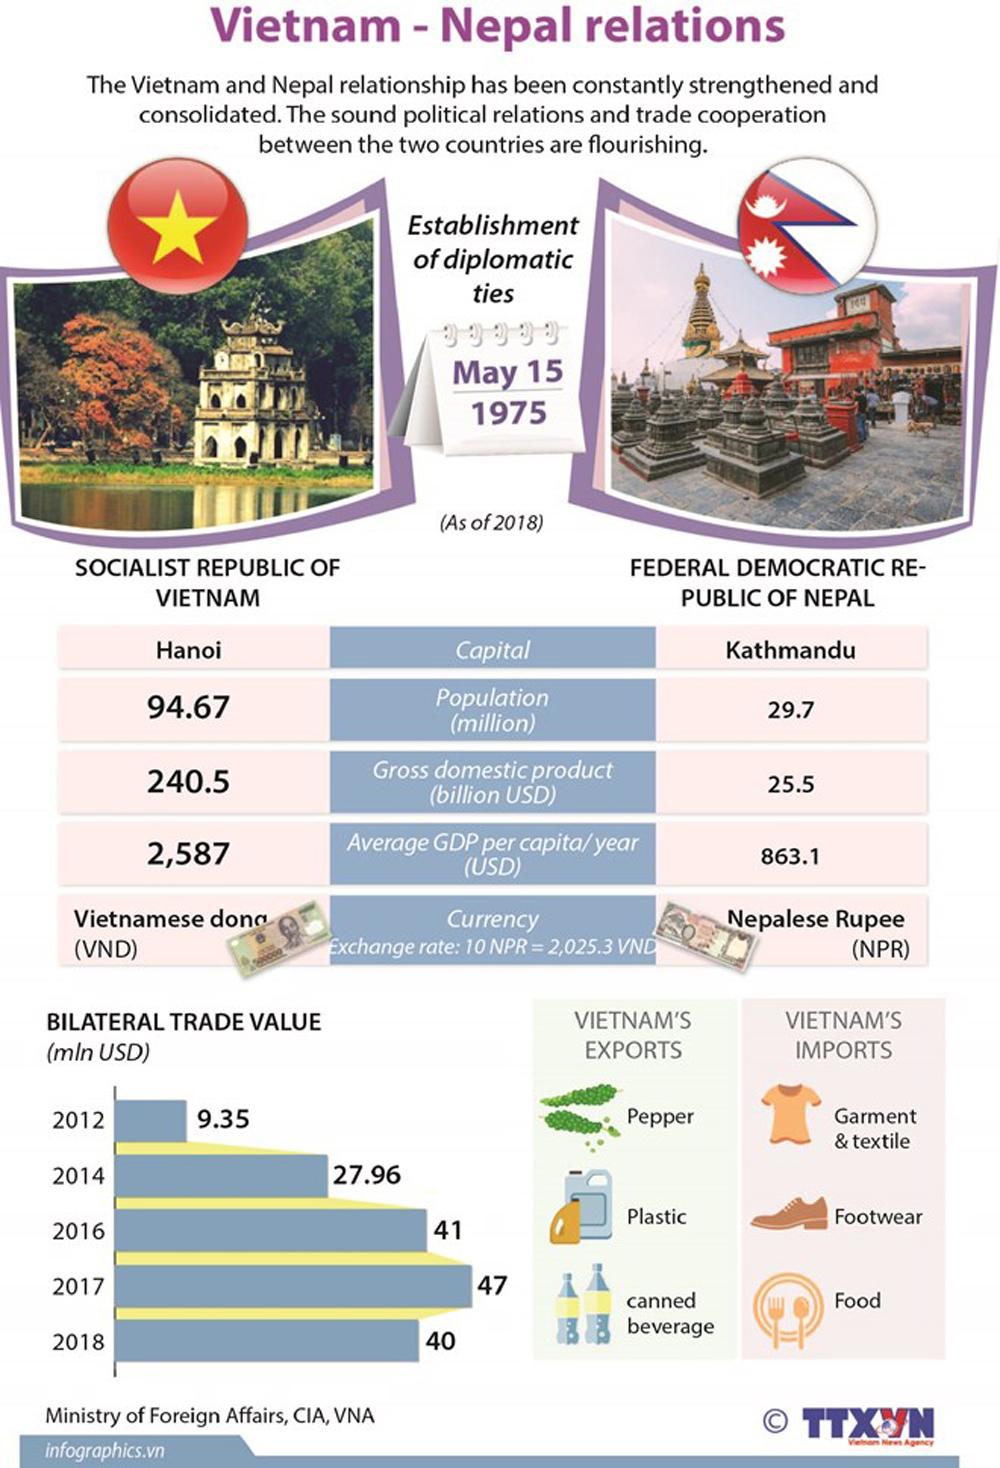 Vietnam - Nepal relations, diplomatic ties, Vesak celebration, UN Day of Vesak 2019